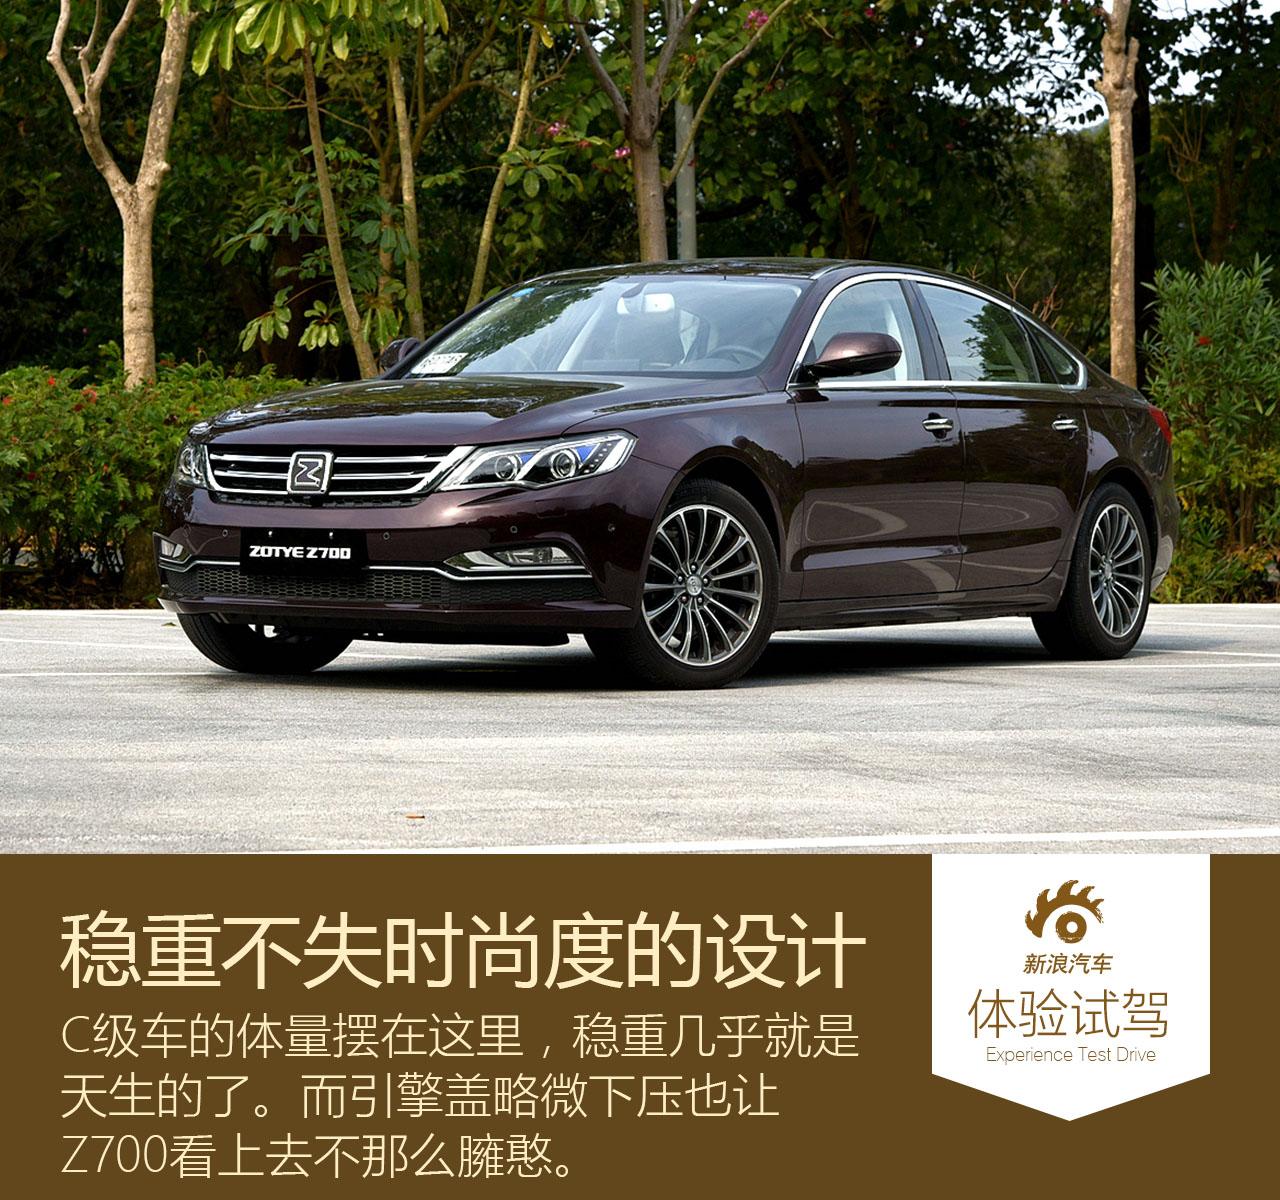 2016款 众泰 Z700 1.8T自动尊贵型